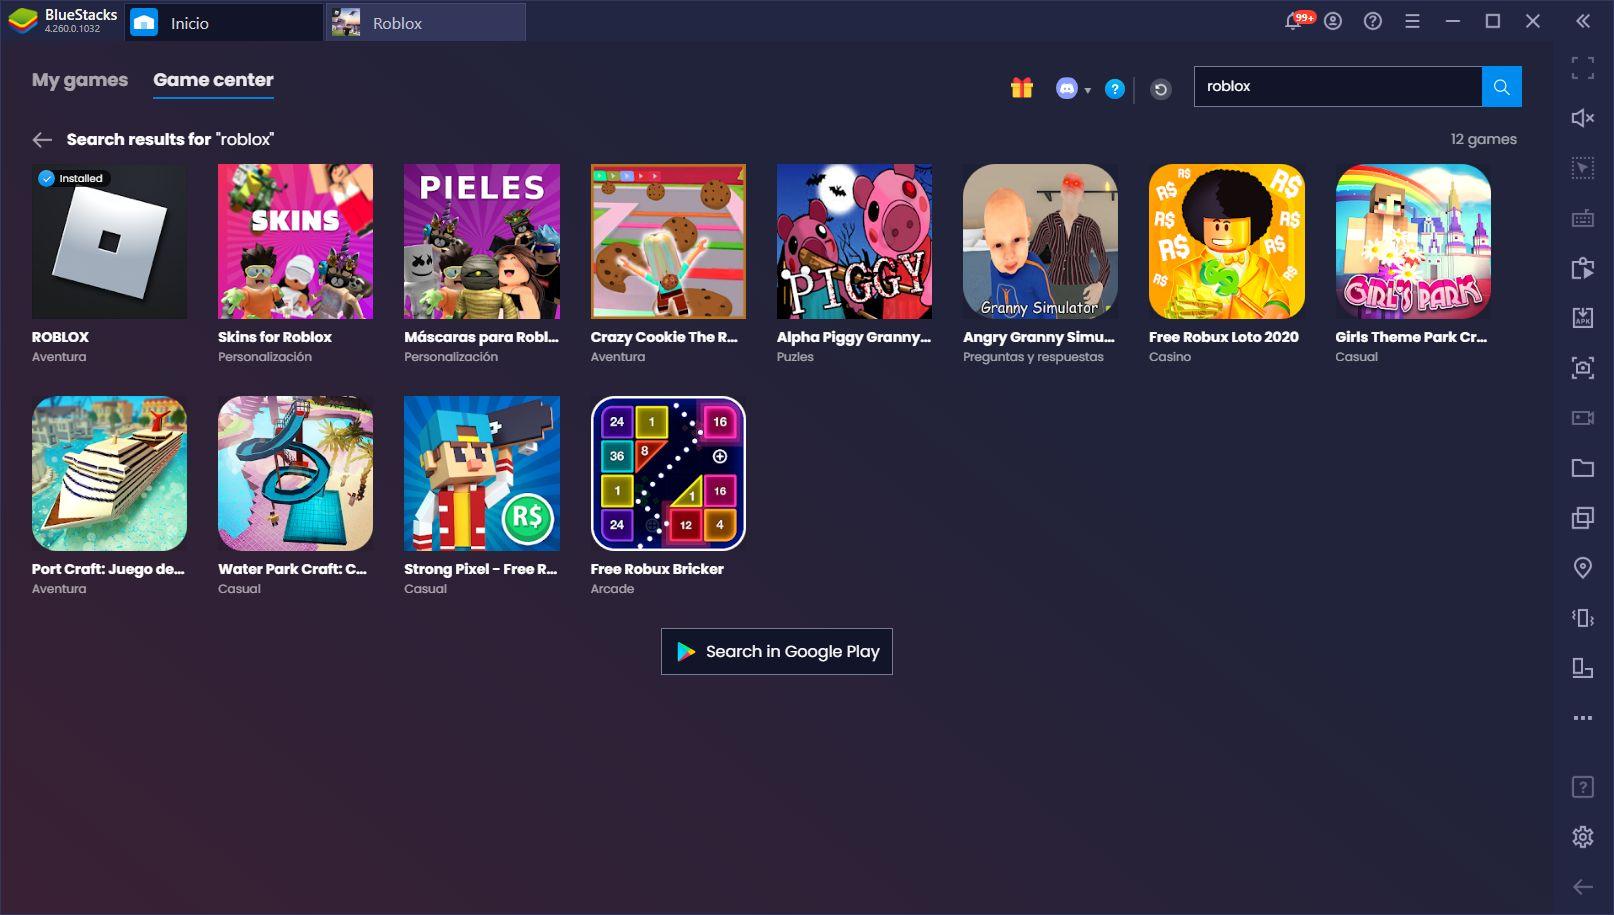 Roblox en BlueStacks – Las Mejores Herramientas Para Jugar tus Juegos de Roblox Favoritos